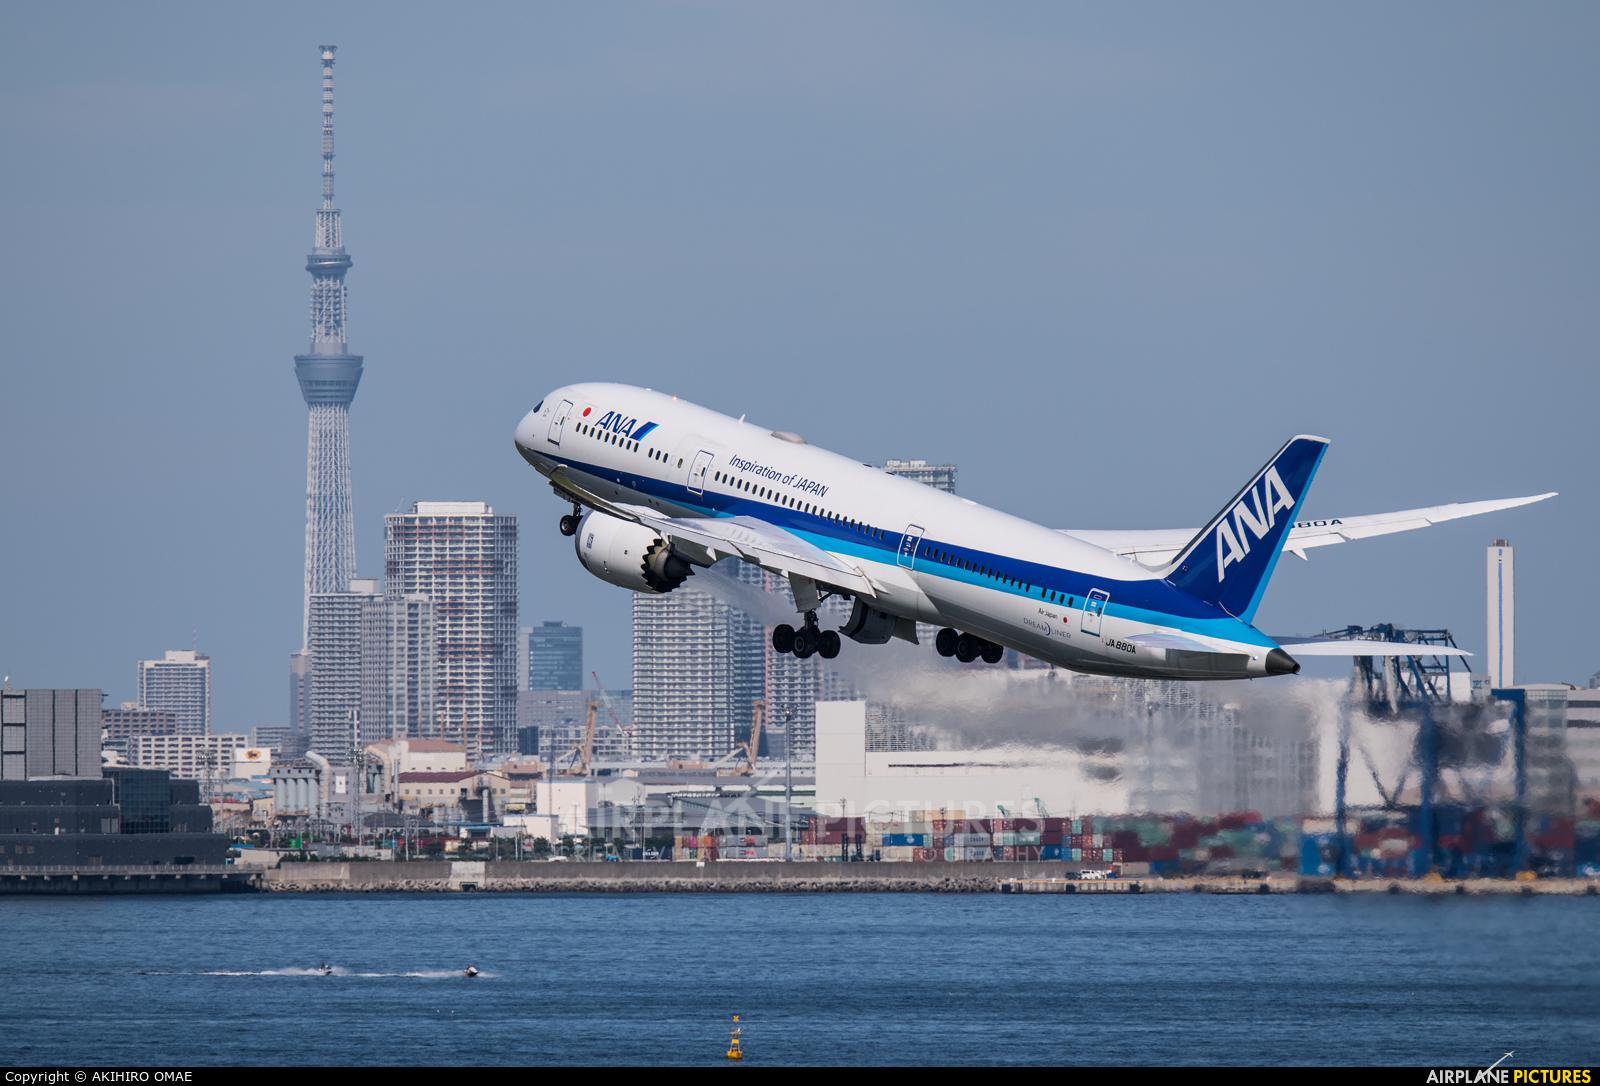 ANA - All Nippon Airways JA880A aircraft at Tokyo - Haneda Intl